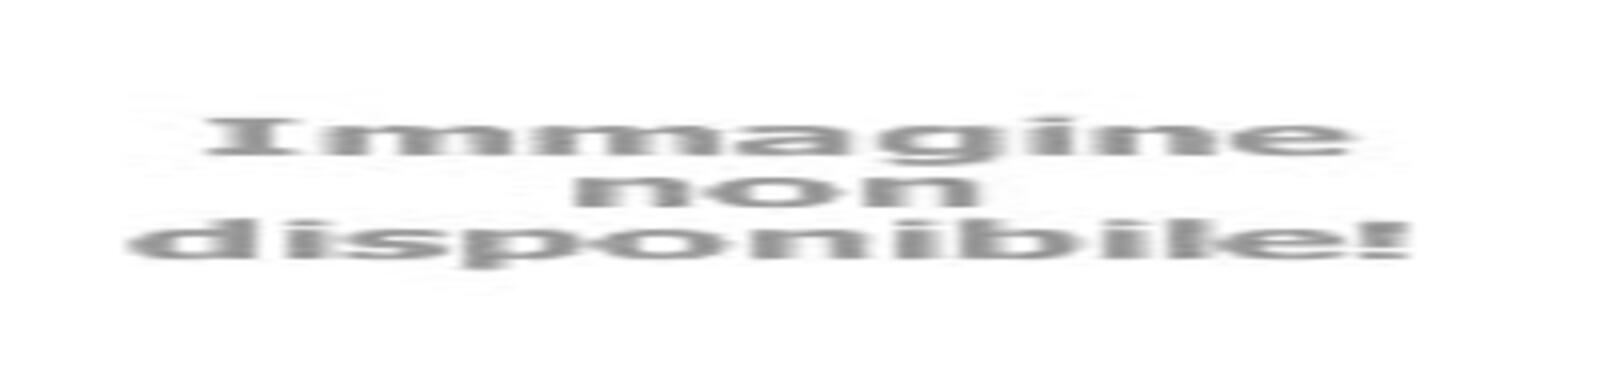 petronianaviaggi it fiesole-e-il-giardino-della-villa-medicea-di-castello-v336 002